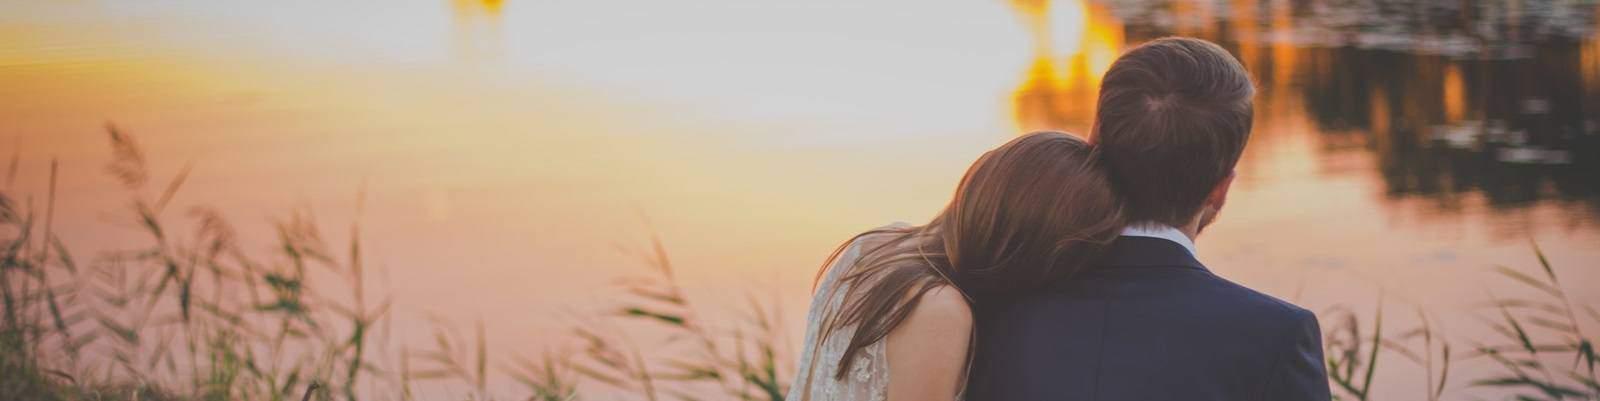 Relatietherapie. De oplossing voor relatieproblemen?